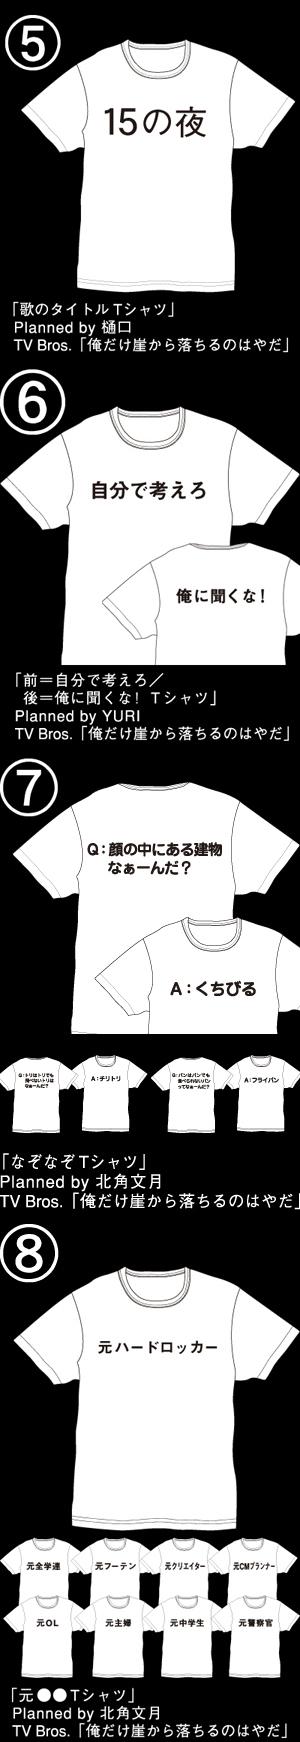 bros_t%2A.jpg